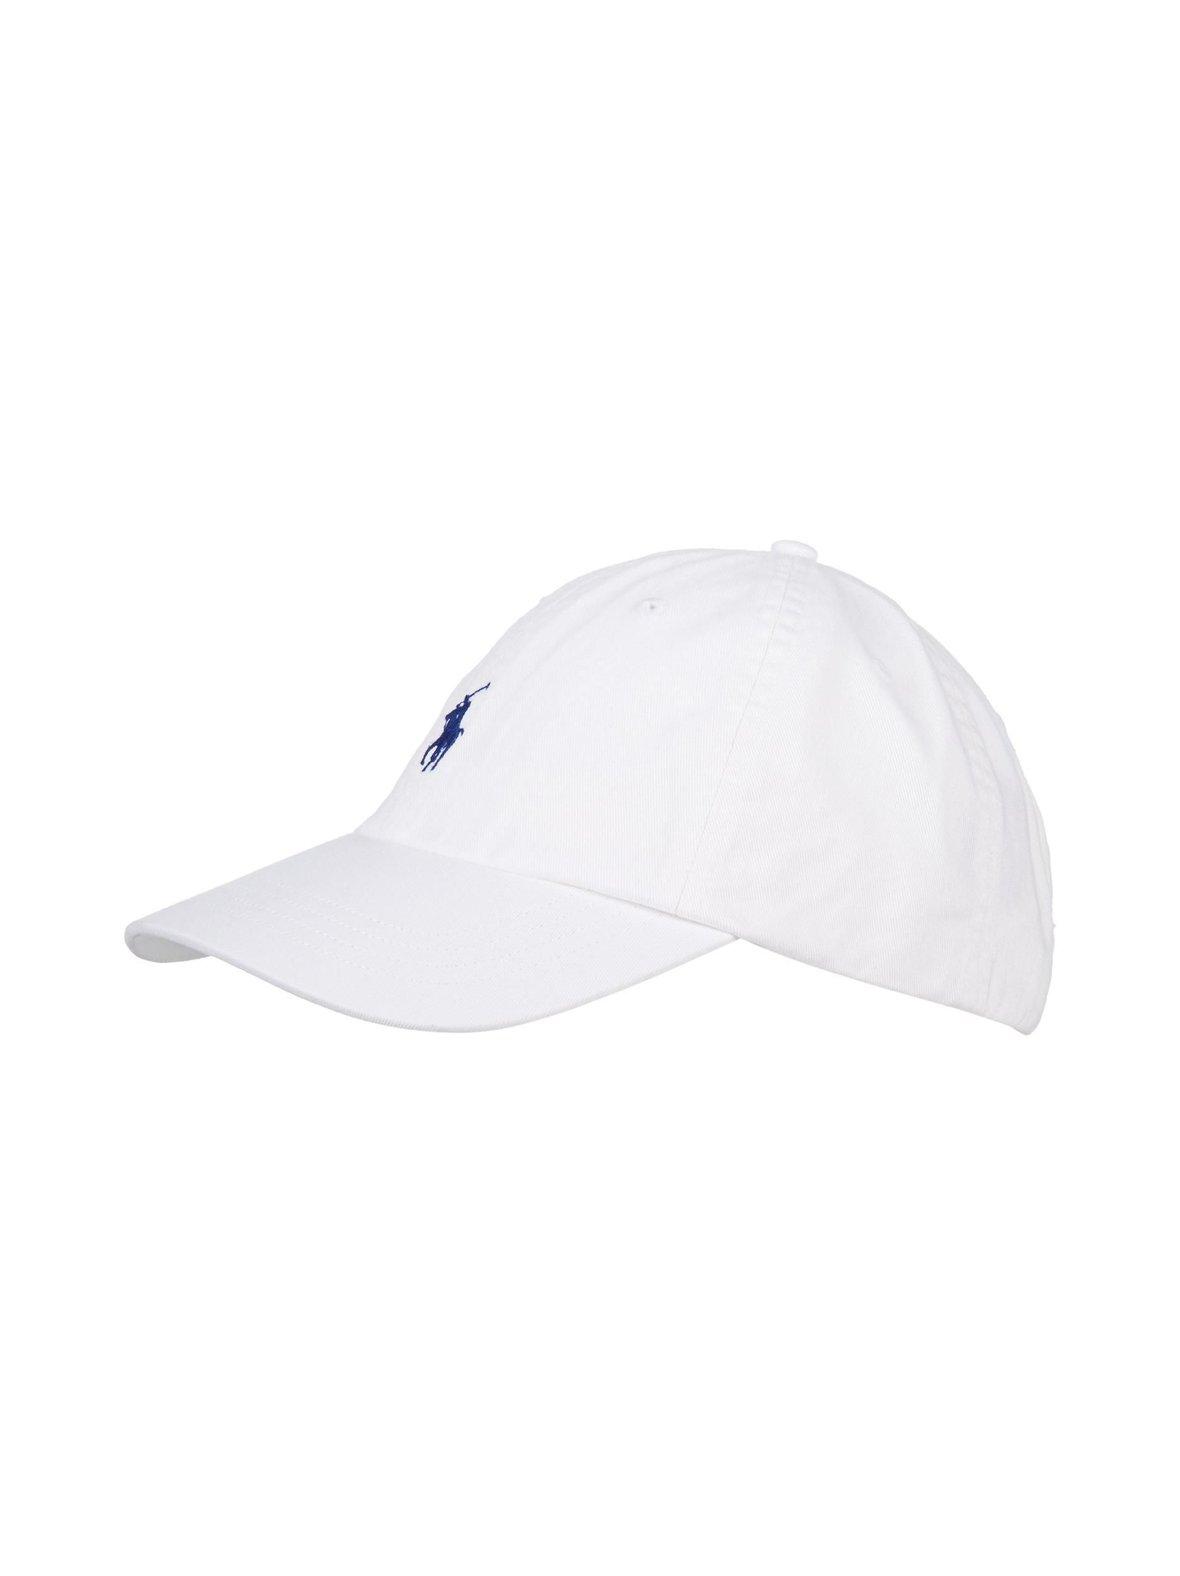 Valkoinen Polo Ralph Lauren Classic Sport -lippalakki puuvillaa ... b21f1fe60e